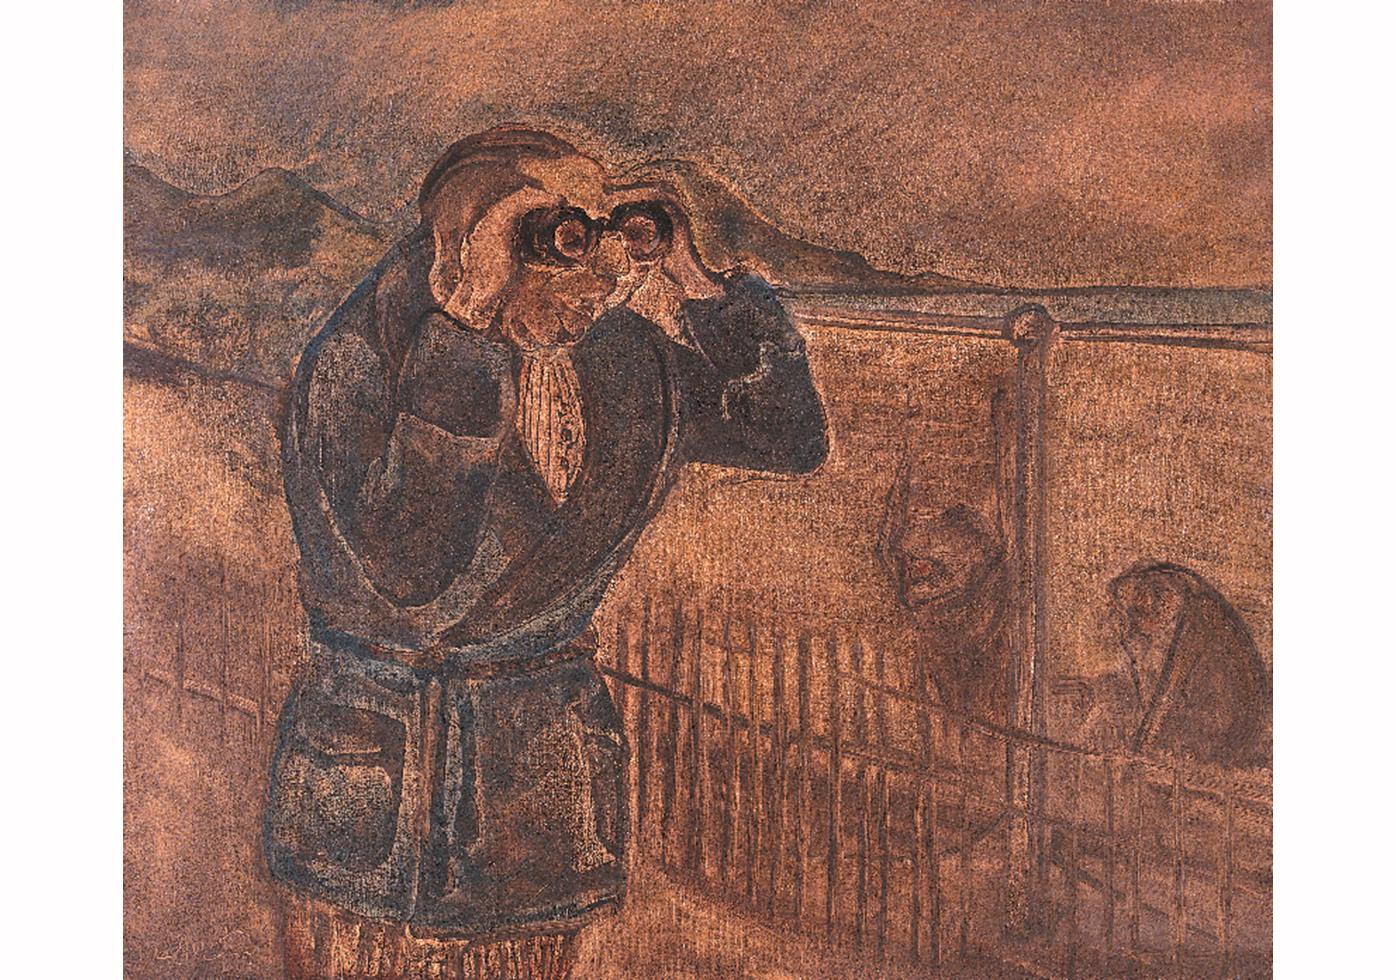 Babam,Tuval üzerine yağlıboya,60 x 70 cm,Sanatçı Koleksiyonu